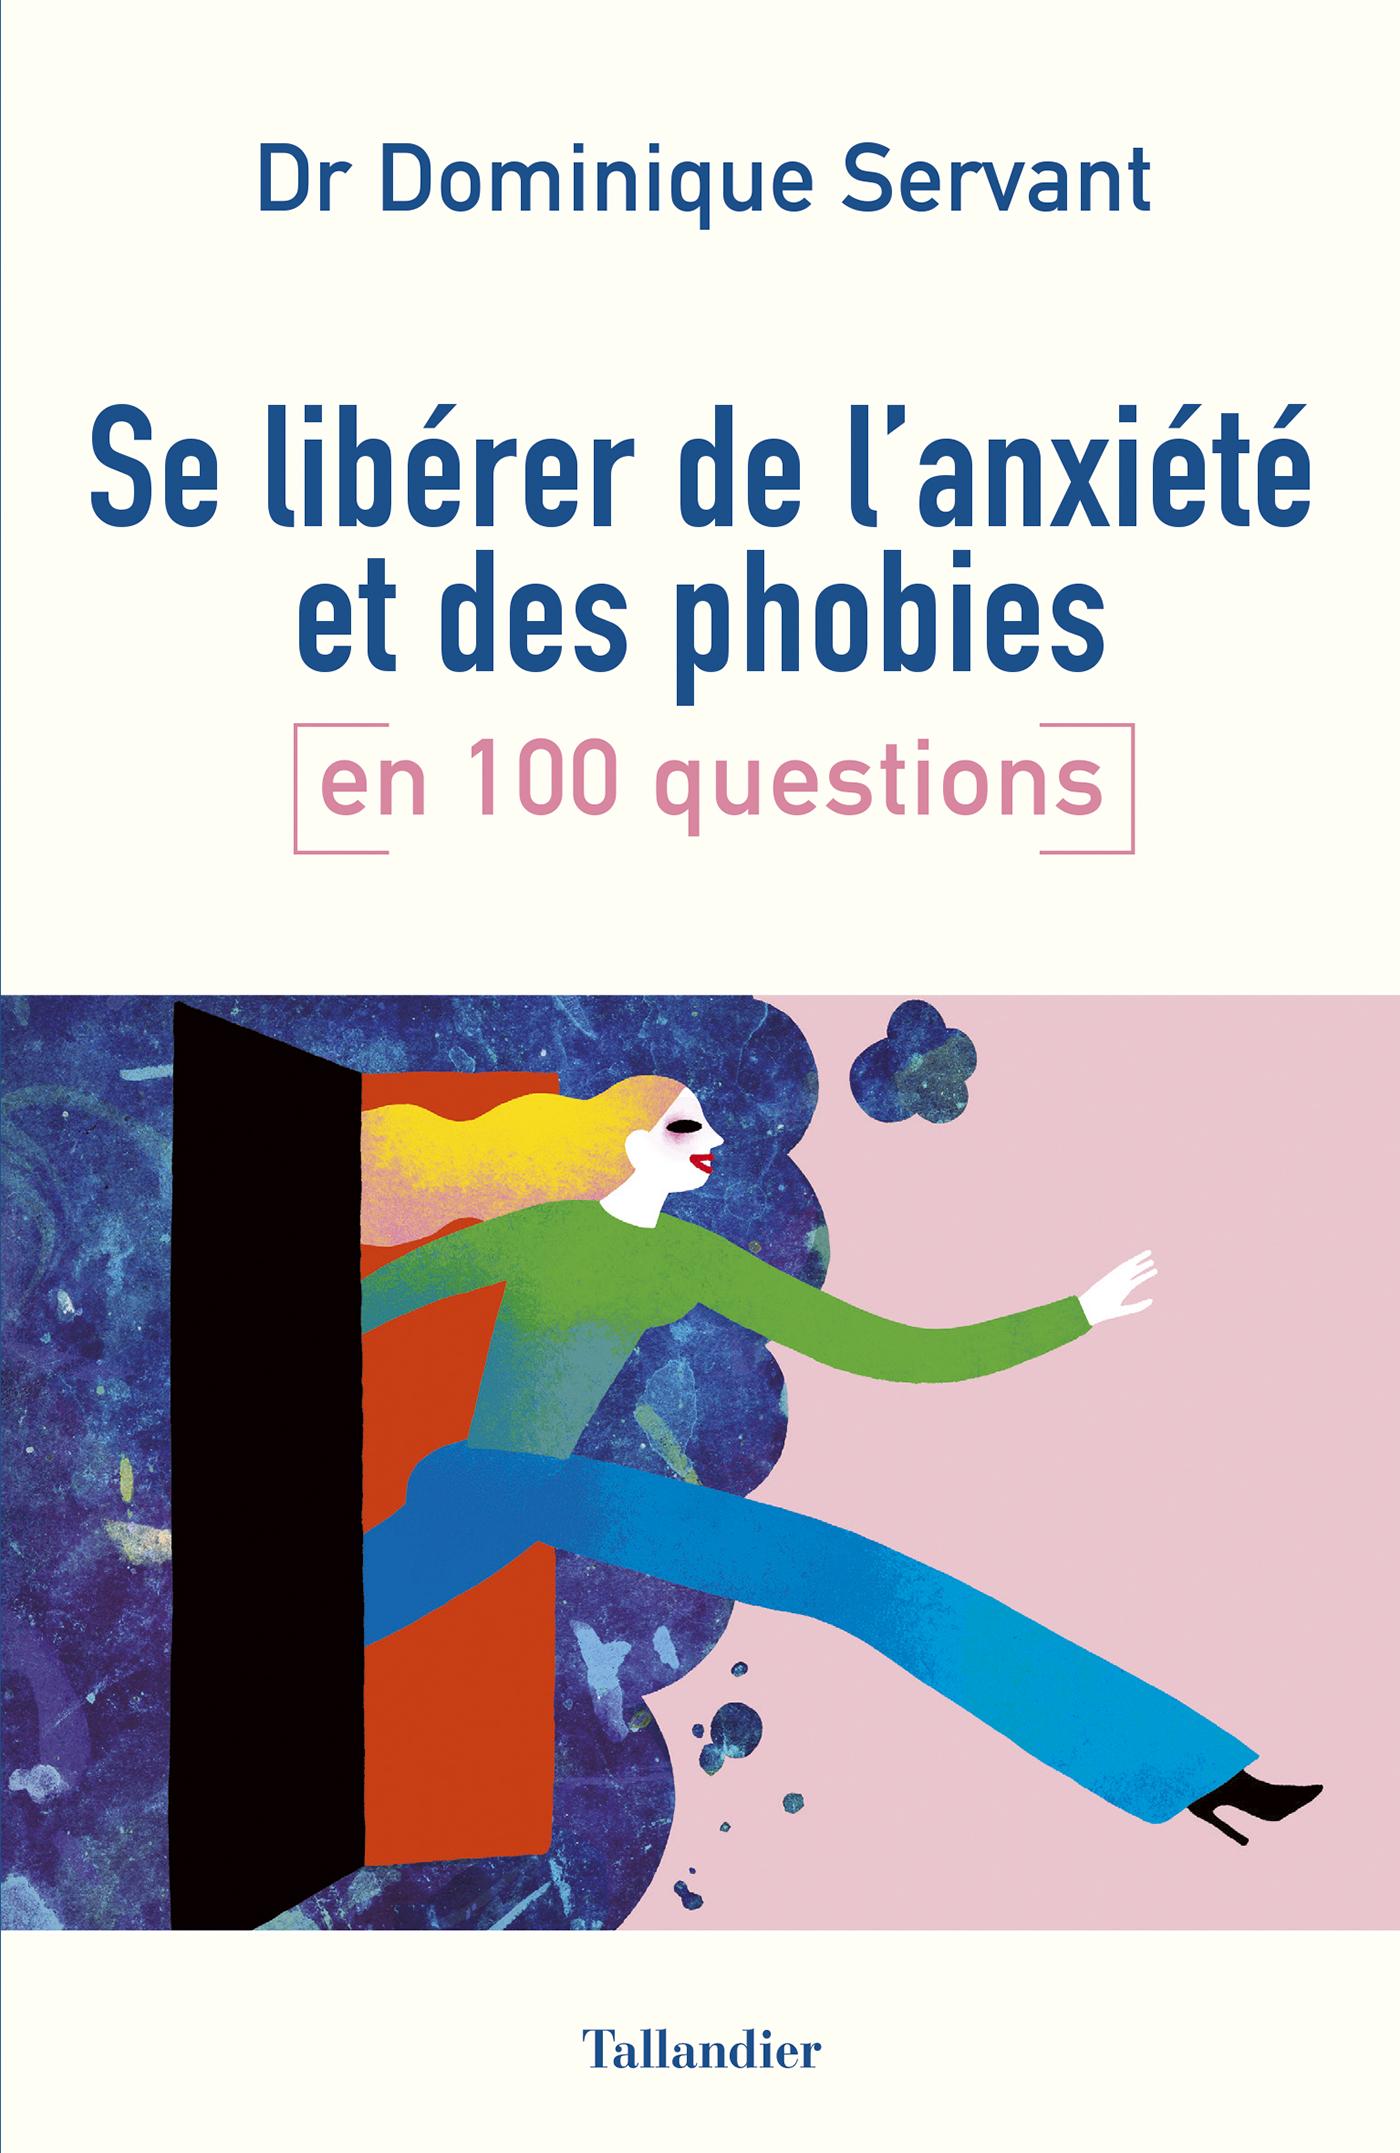 Se libérer de l'anxiété et des phobies en 100 questions |